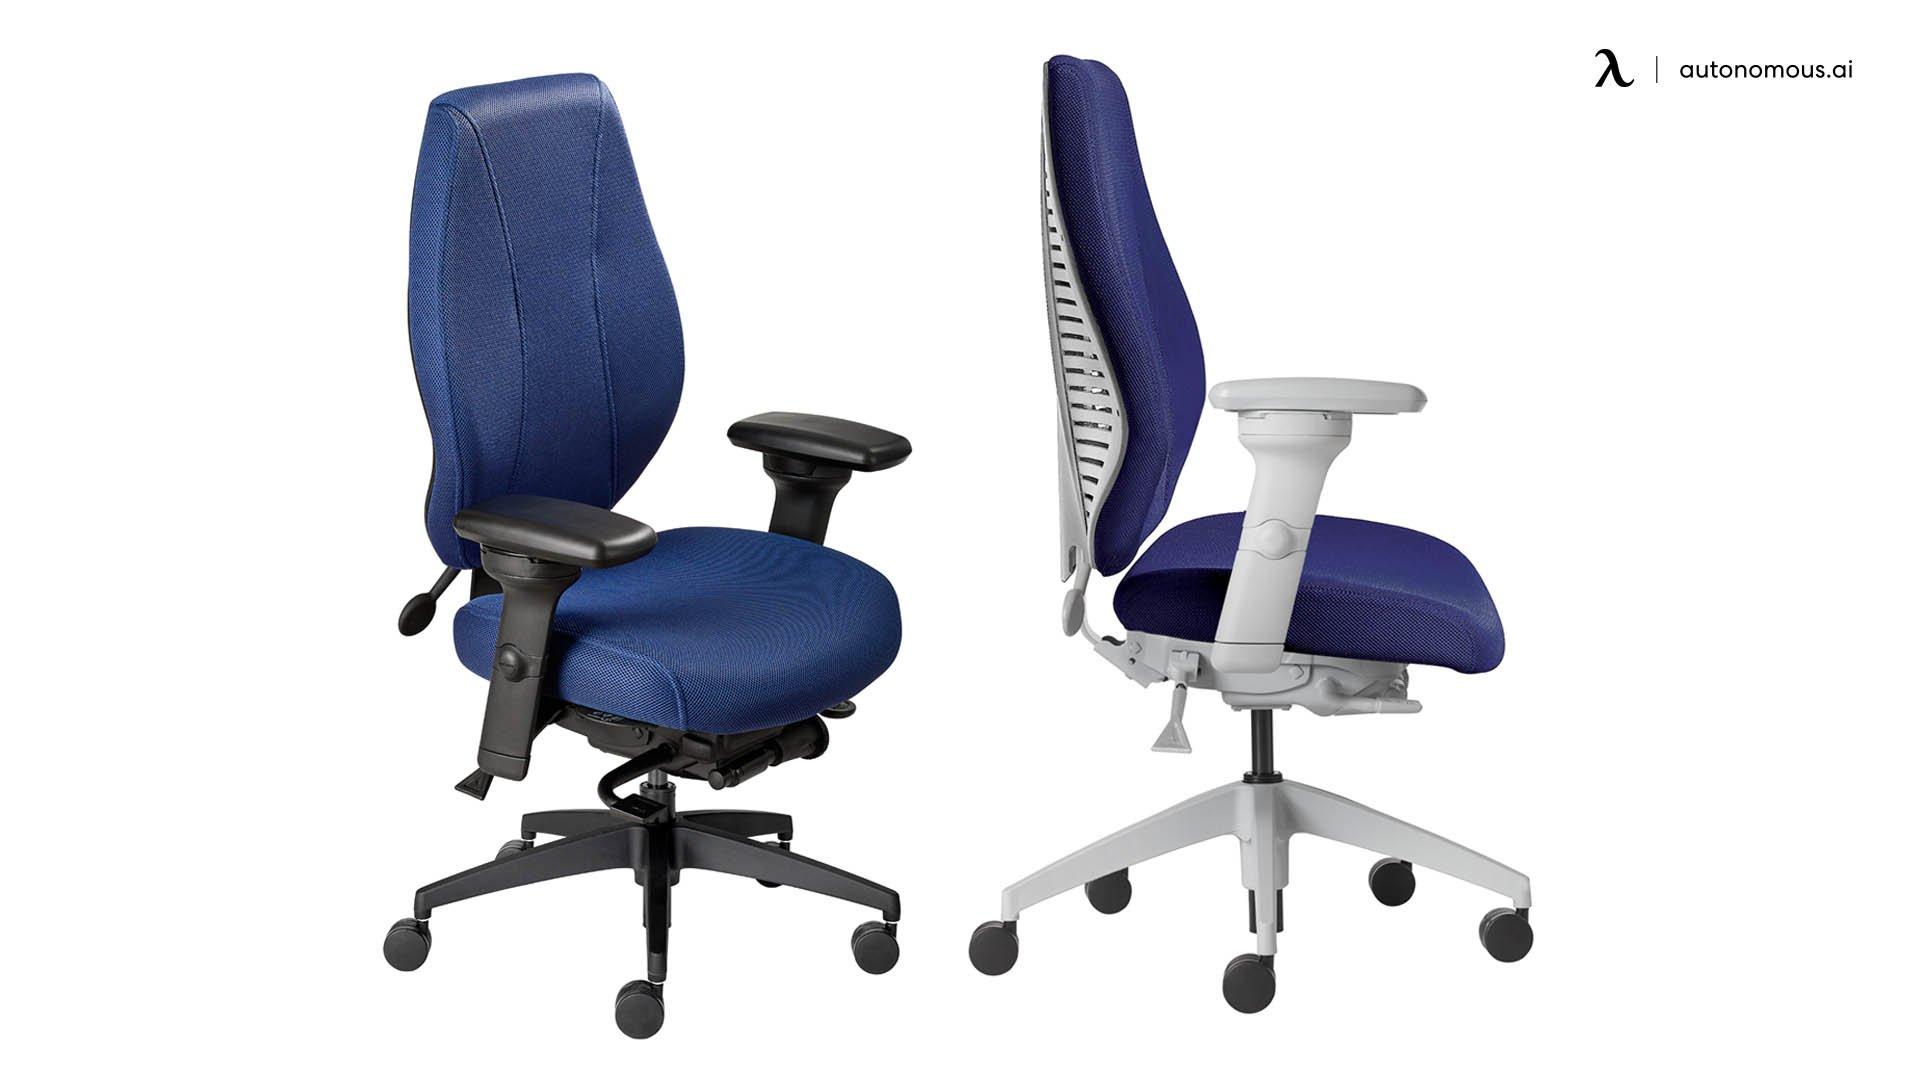 Aircentric Ergonomic Office Air Chair